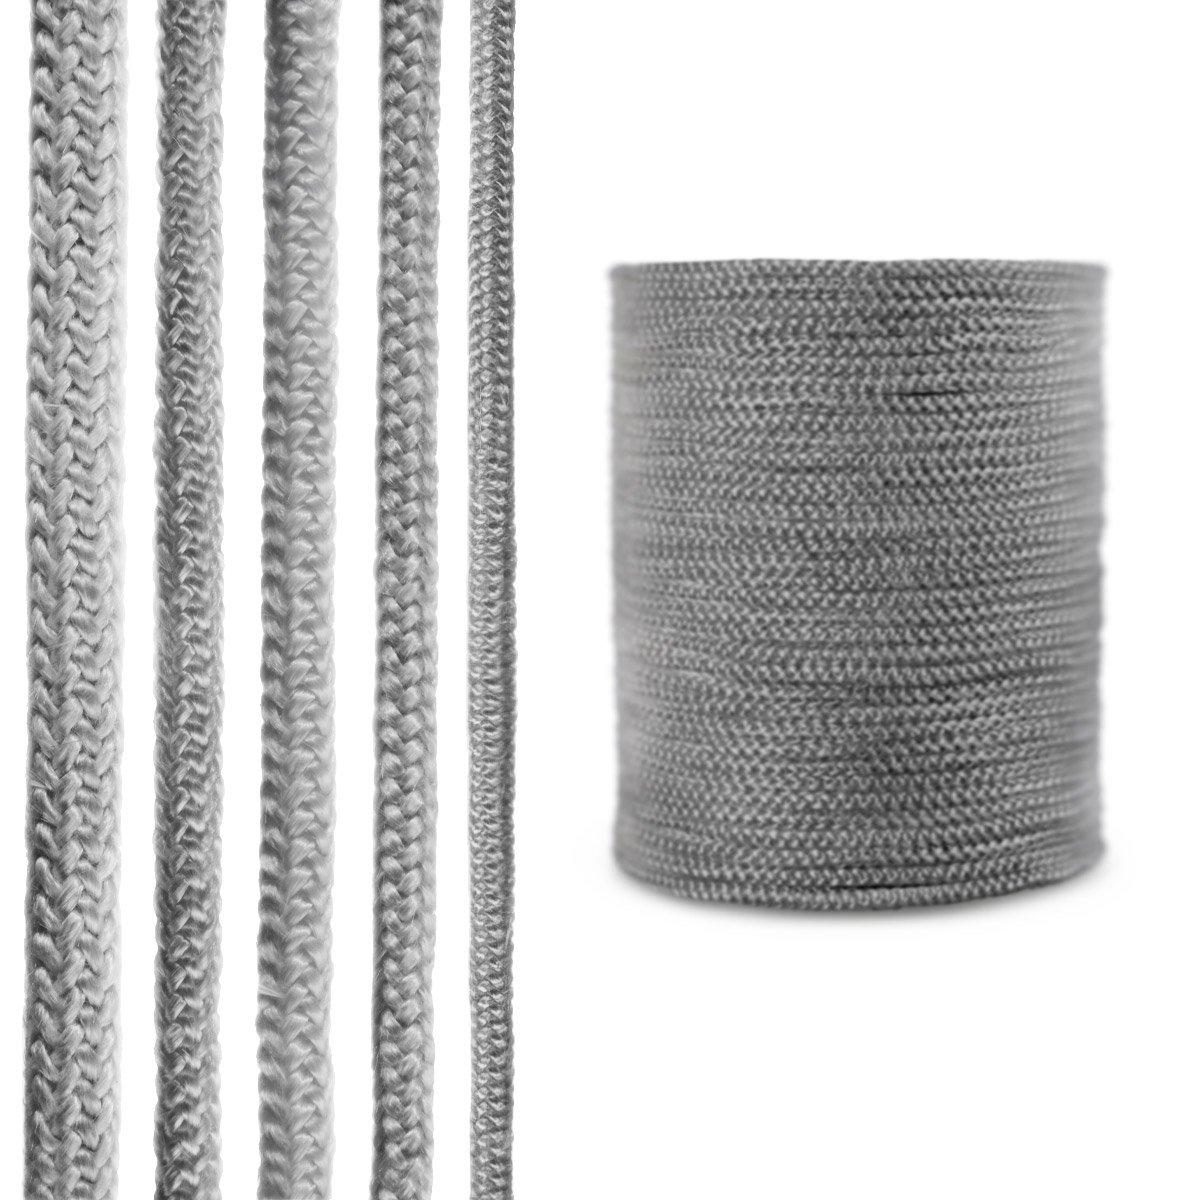 STEIGNER Cordone Isolante In Fibra di Vetro SKD02-12, Grigio scuro Sigillante resistente alla temperatura fino a 550 ° C 1 m, 12 mm